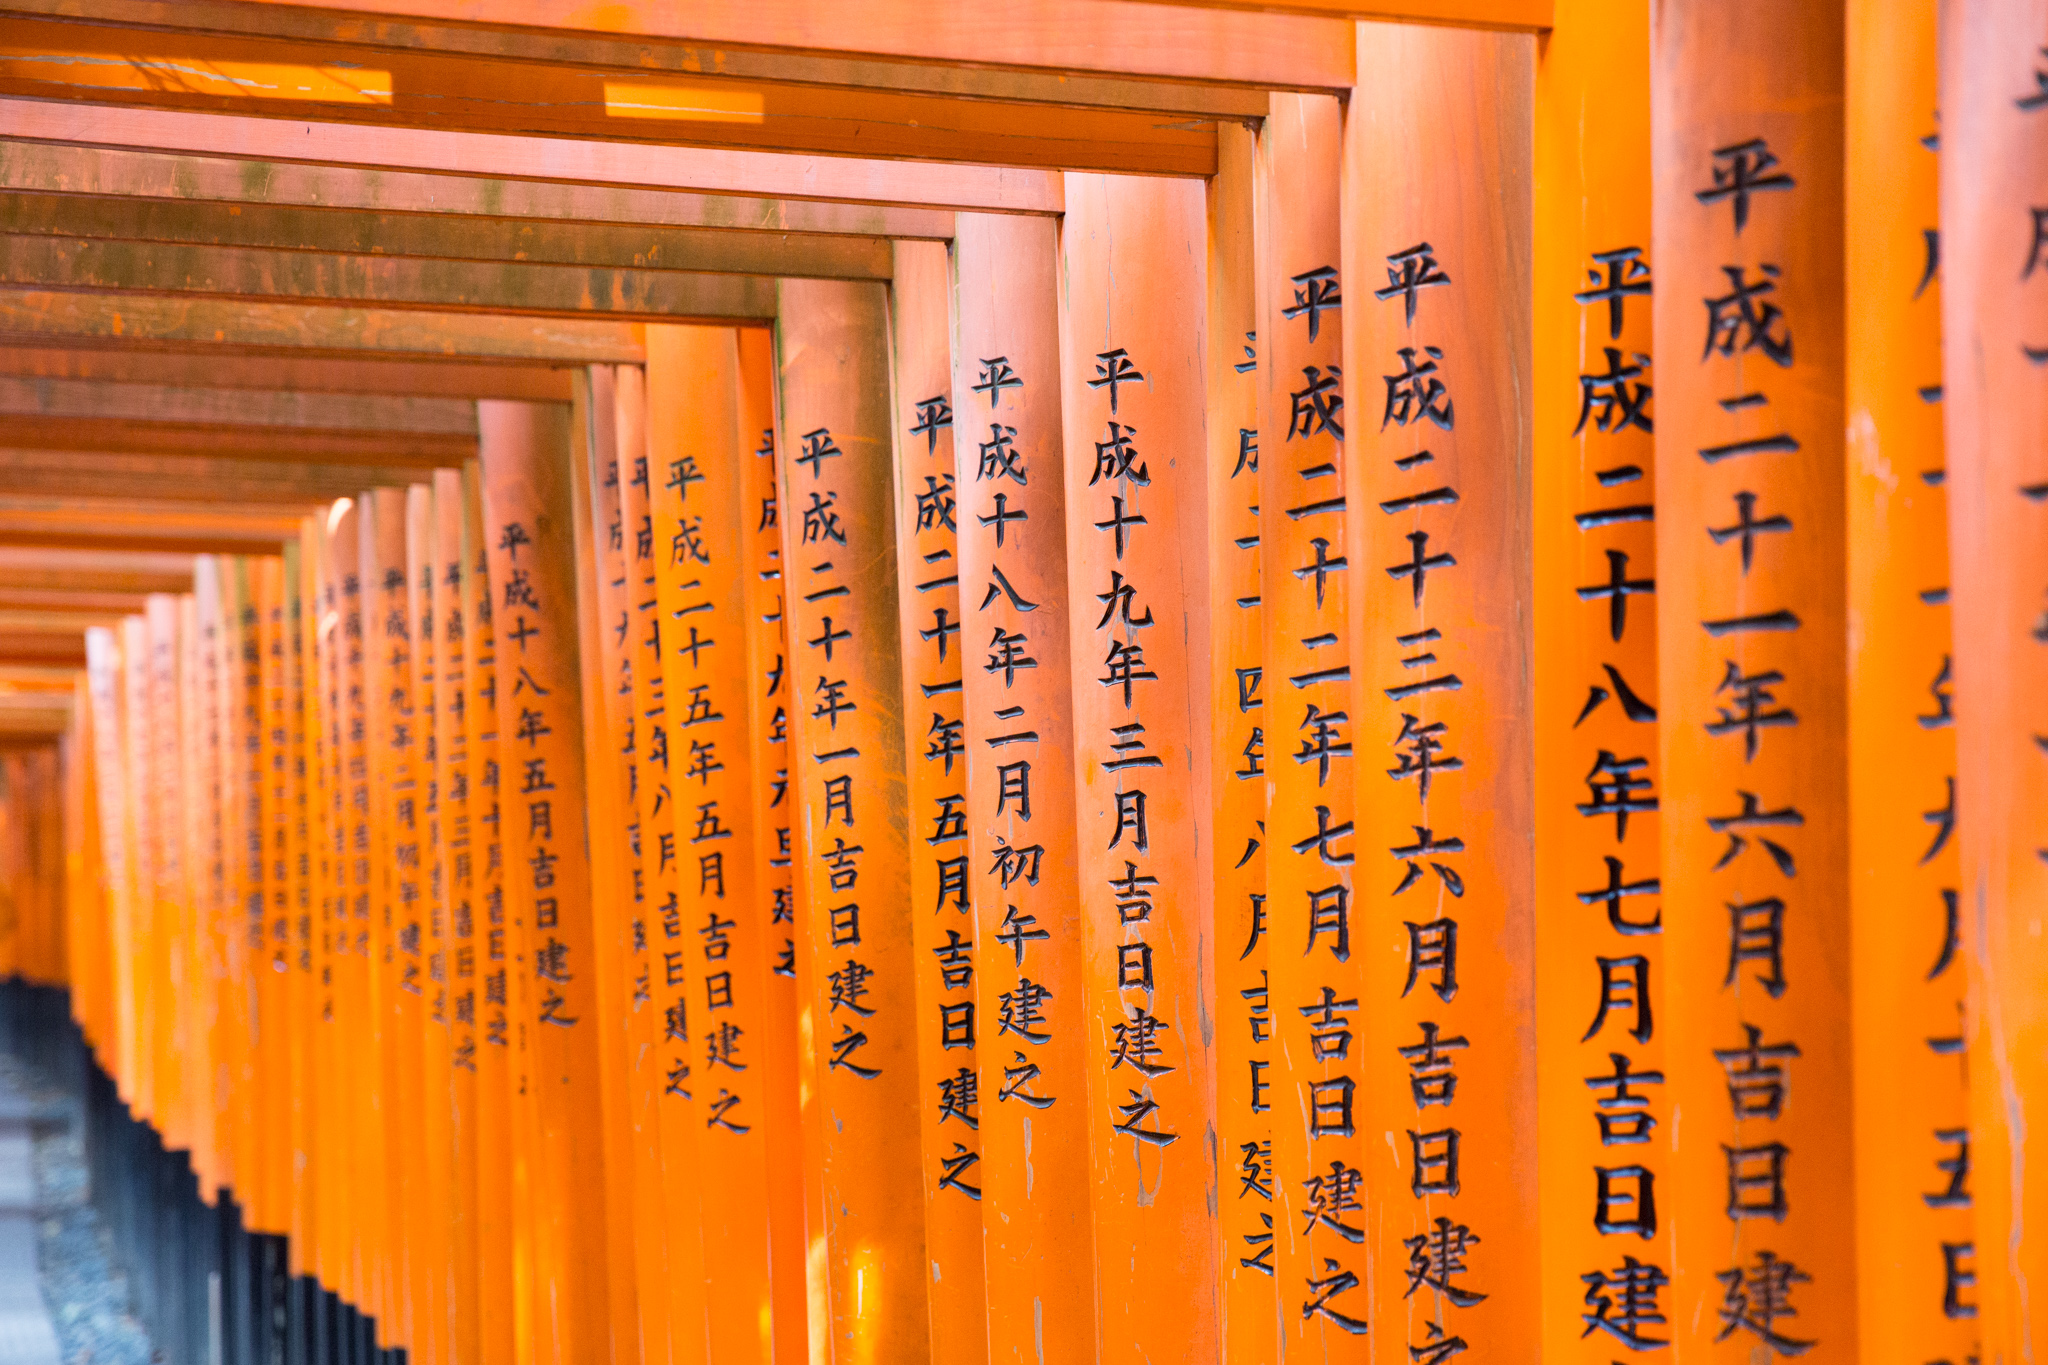 5389-japan-urban-orange-gate.jpg